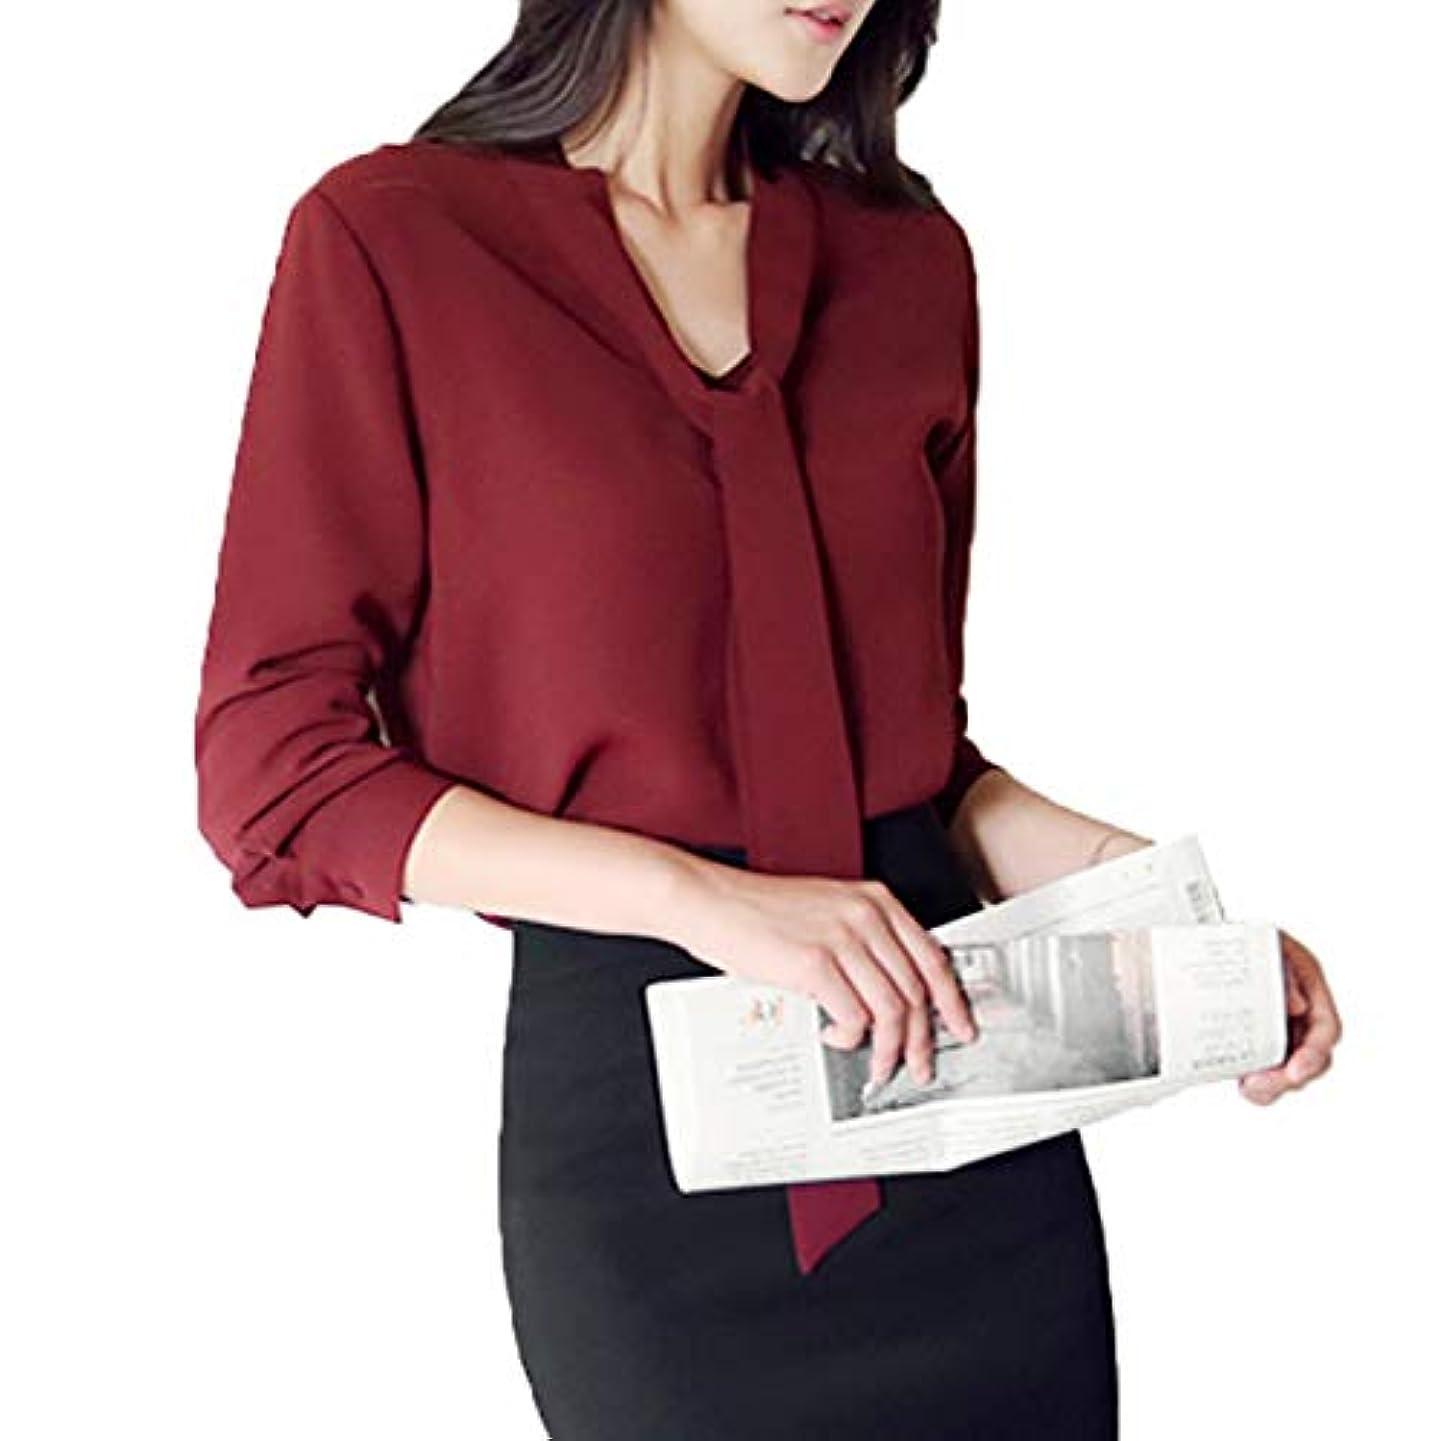 ライトニングひねりファッション[ココチエ] ブラウス シャツ ボウタイ レディース おしゃれ とろみ 長袖 ビジネス